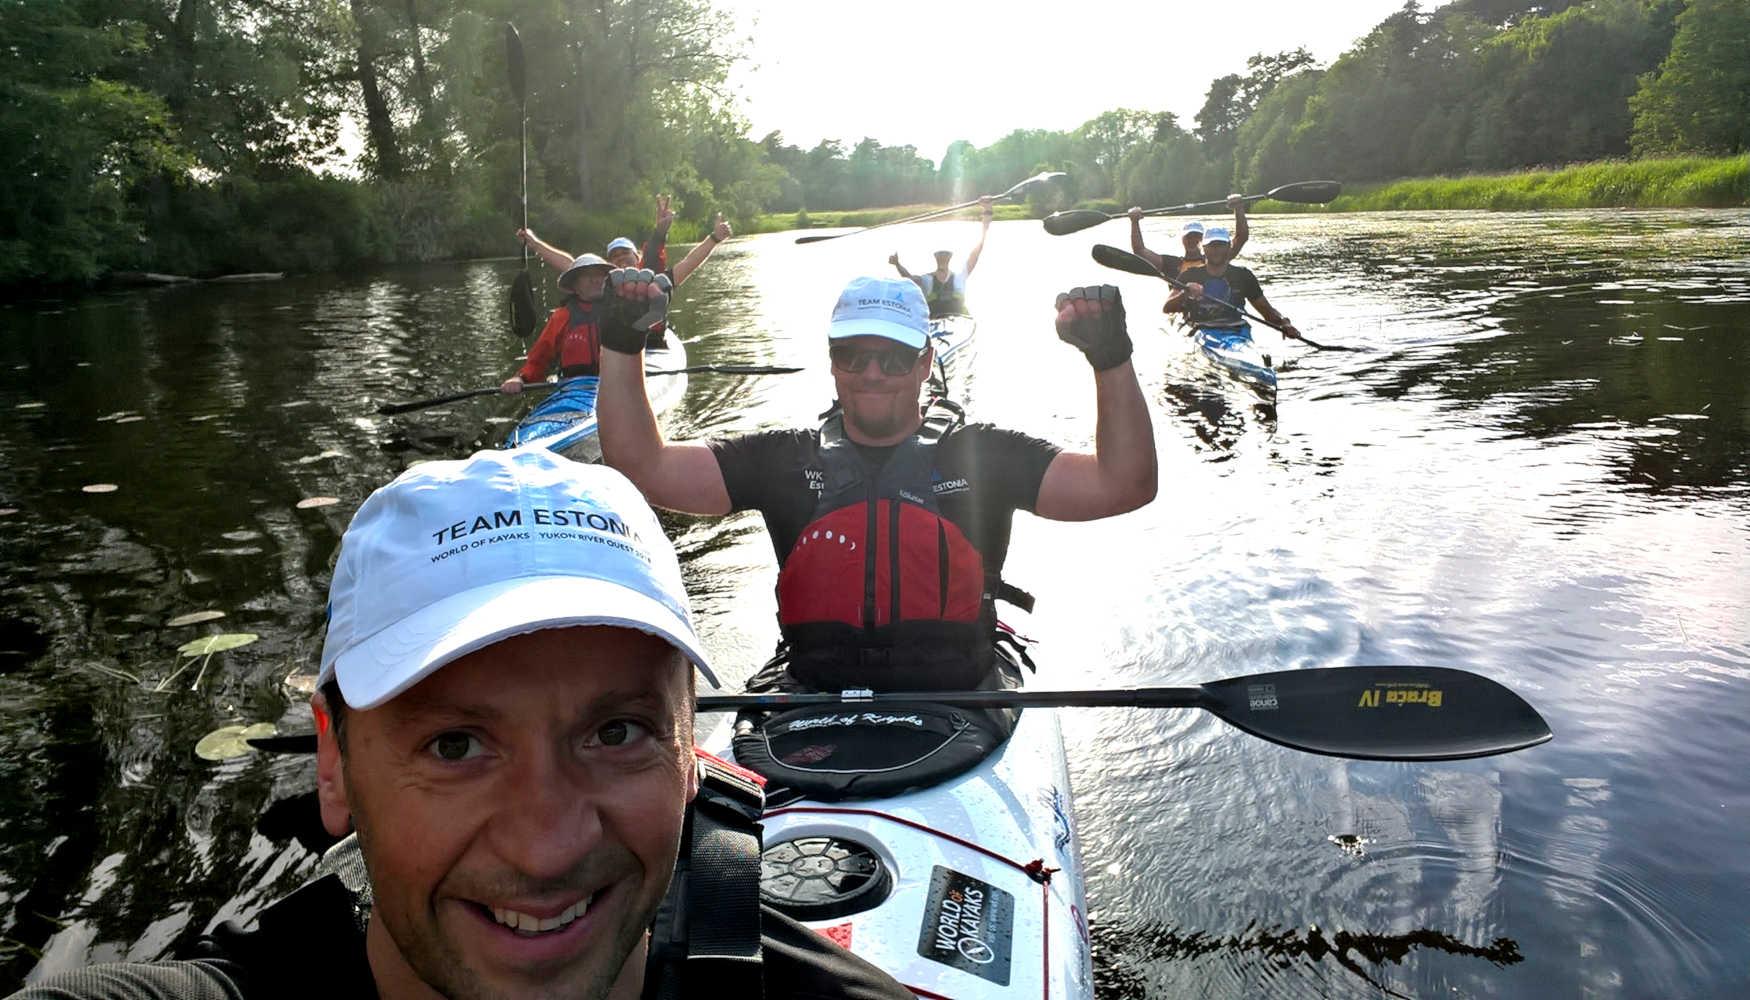 Yukon River Quest Team Estonia